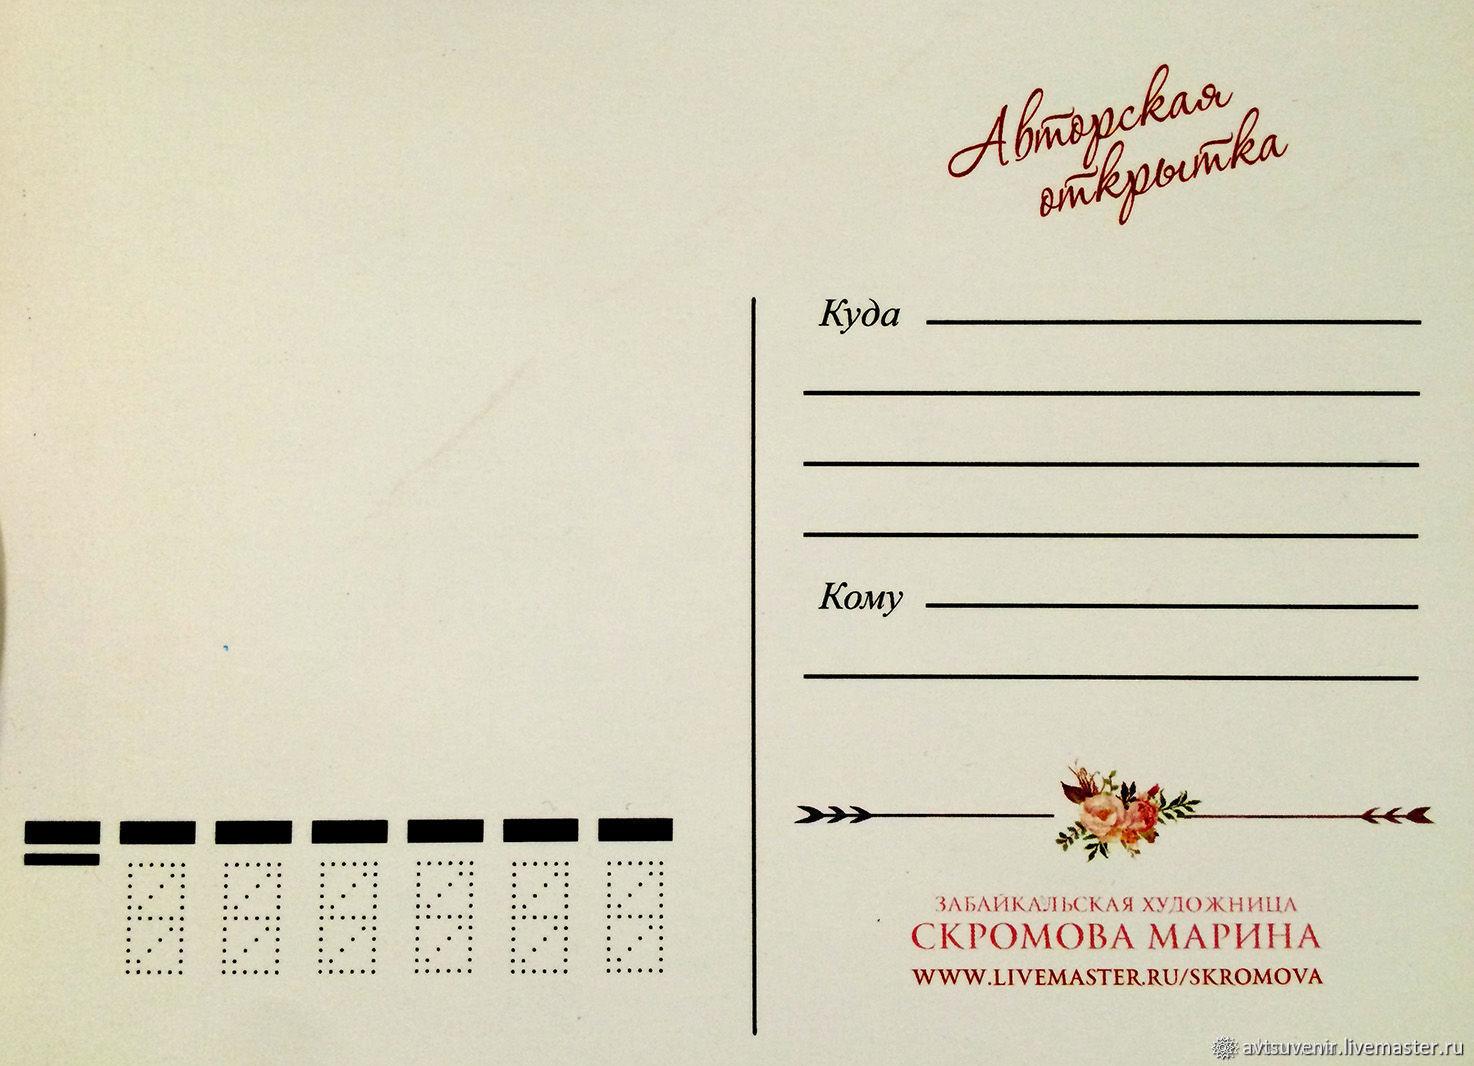 Недорогие почтовые открытки, вмф поздравить открытка